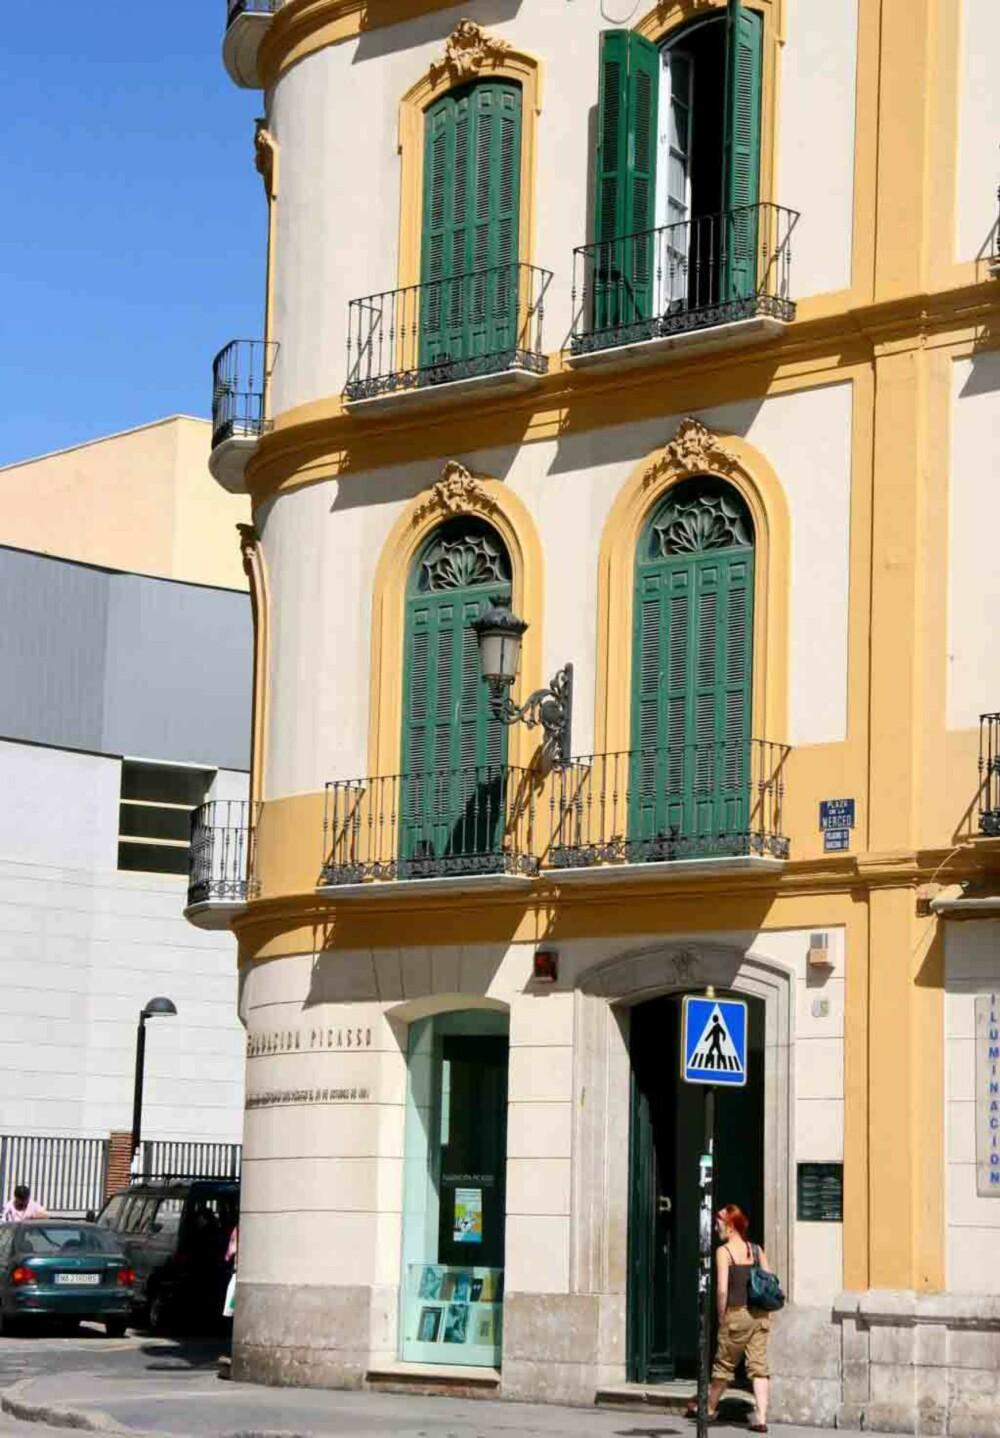 PICASSOS FØDESTED: Her i annen etasje (der vinduet er åpnet) ble Malagas store sønn Pablo Picasso født.